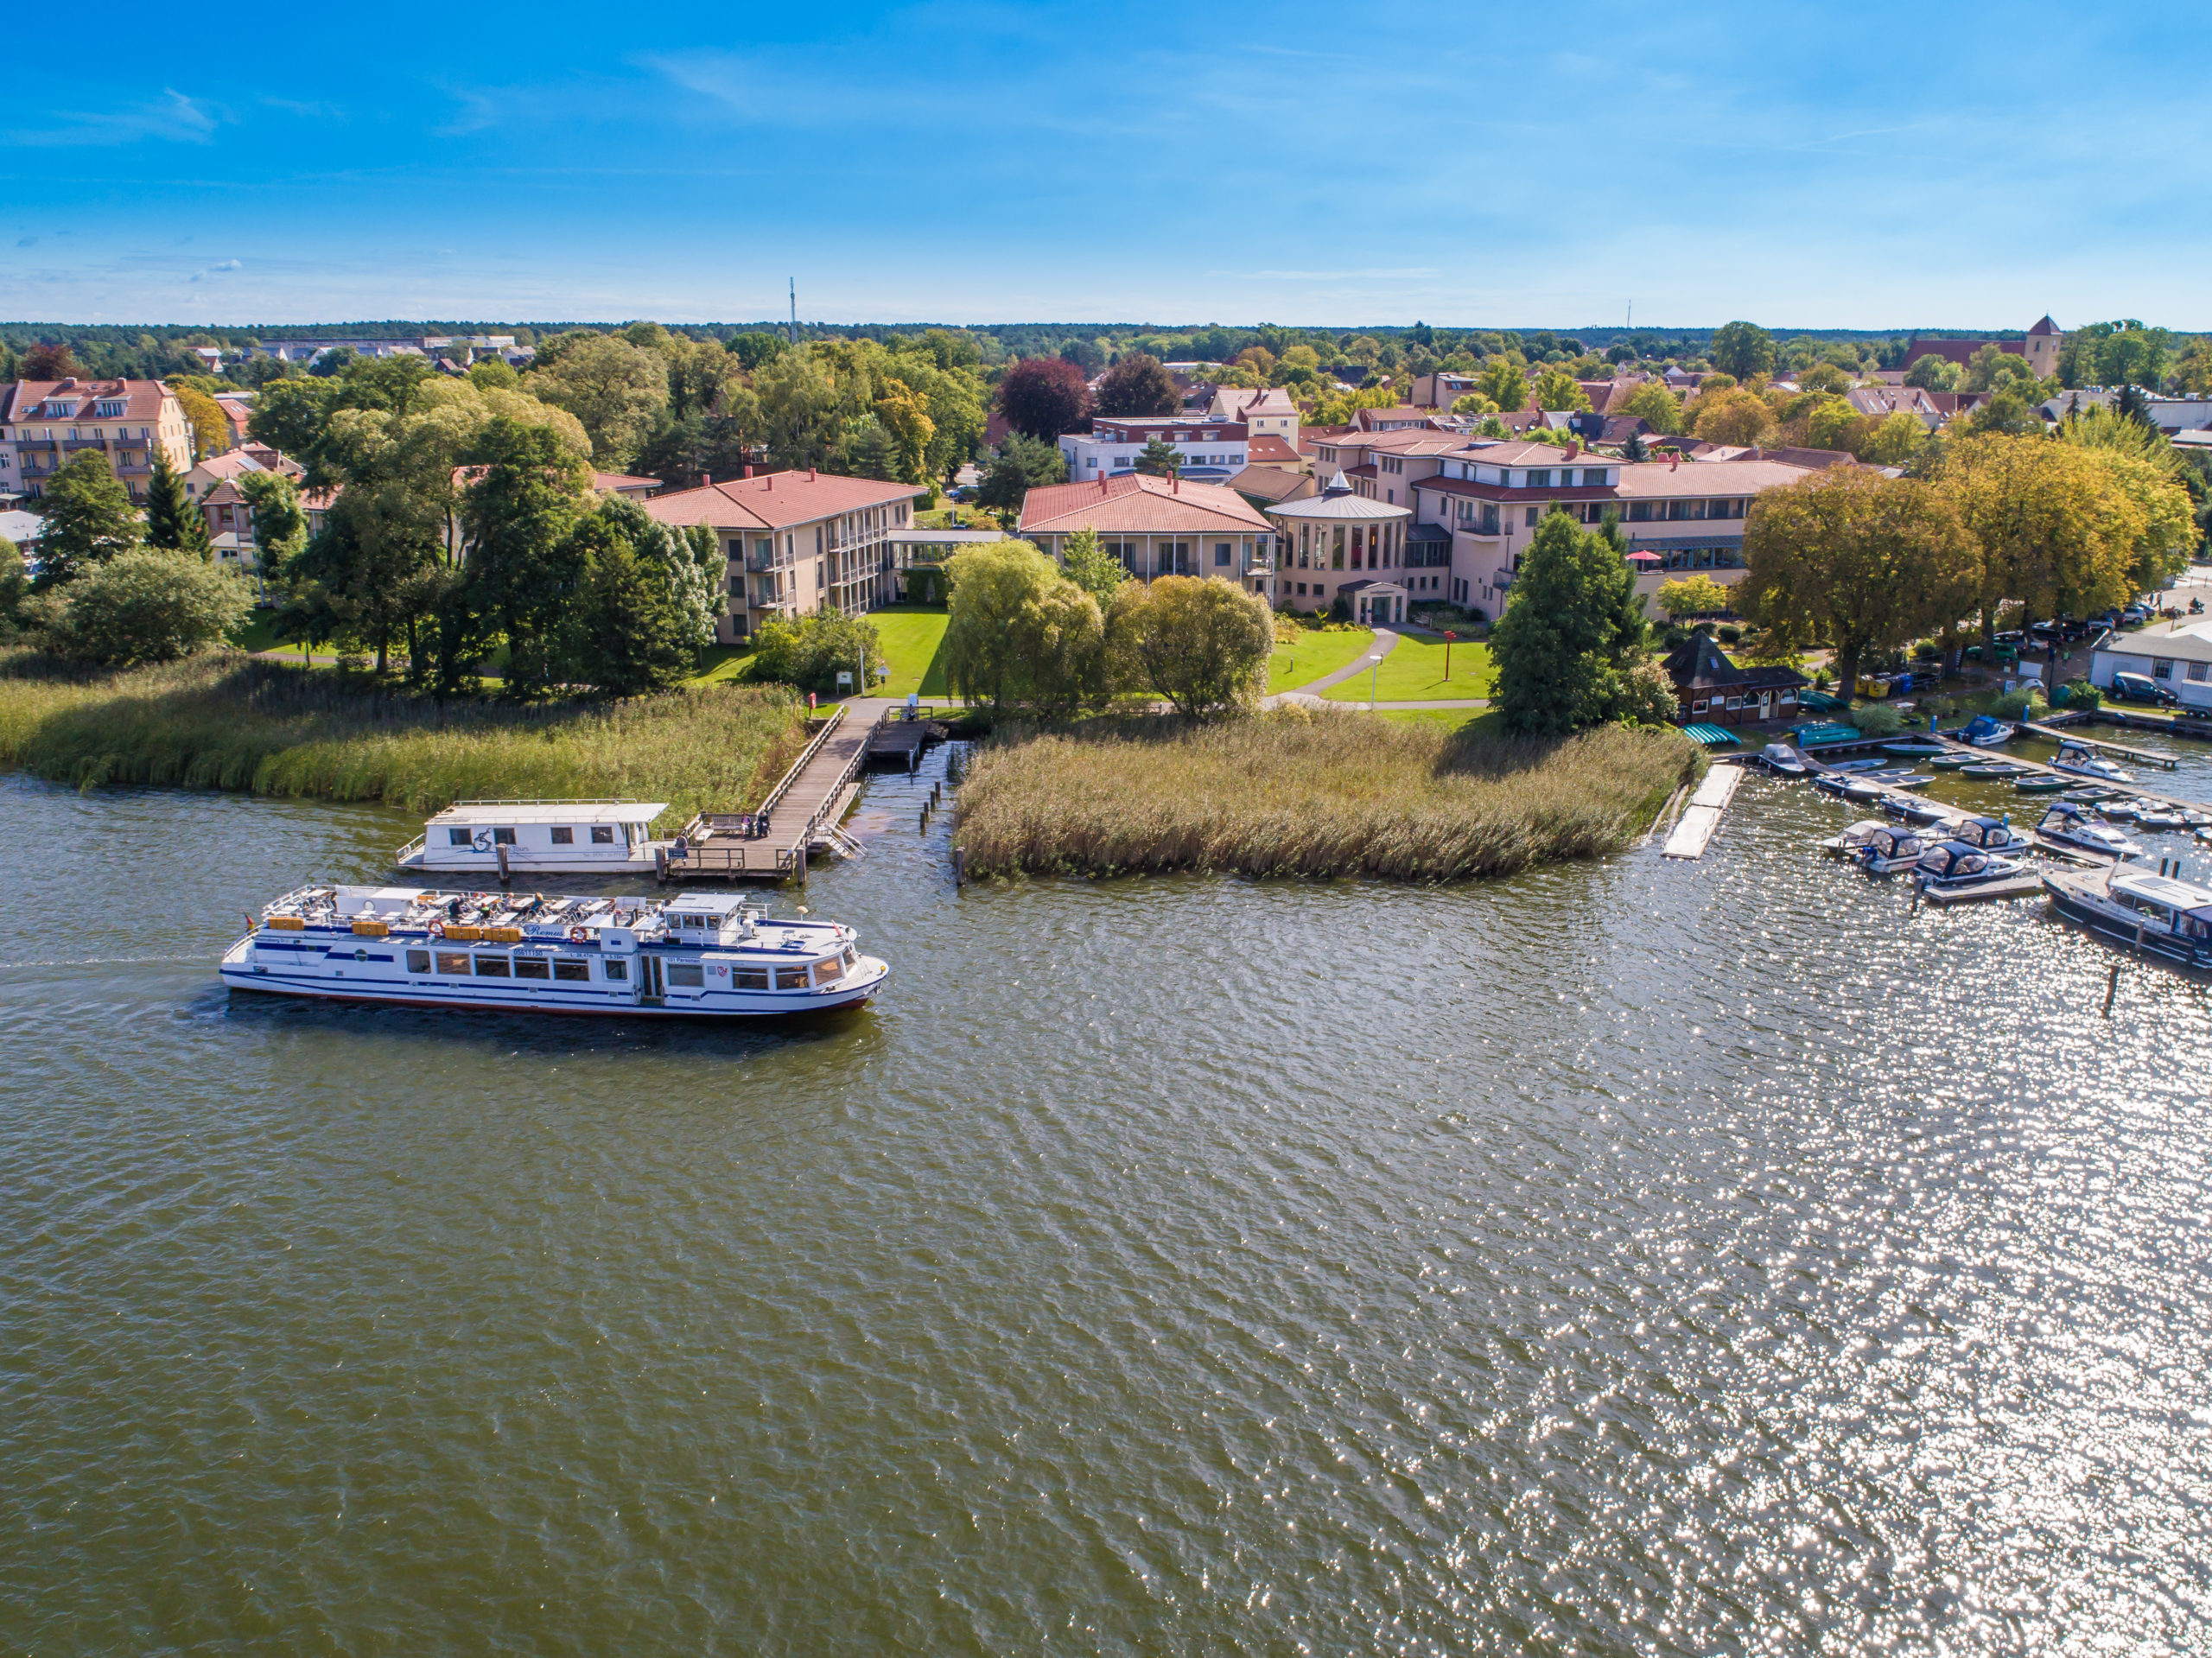 Brandenburg Im Seehotel Rheinsberg am Grienericksee können Gäste nicht nur einen schönen Ausblick auf's Wasser, sondern auch echten Komfort erwarten.